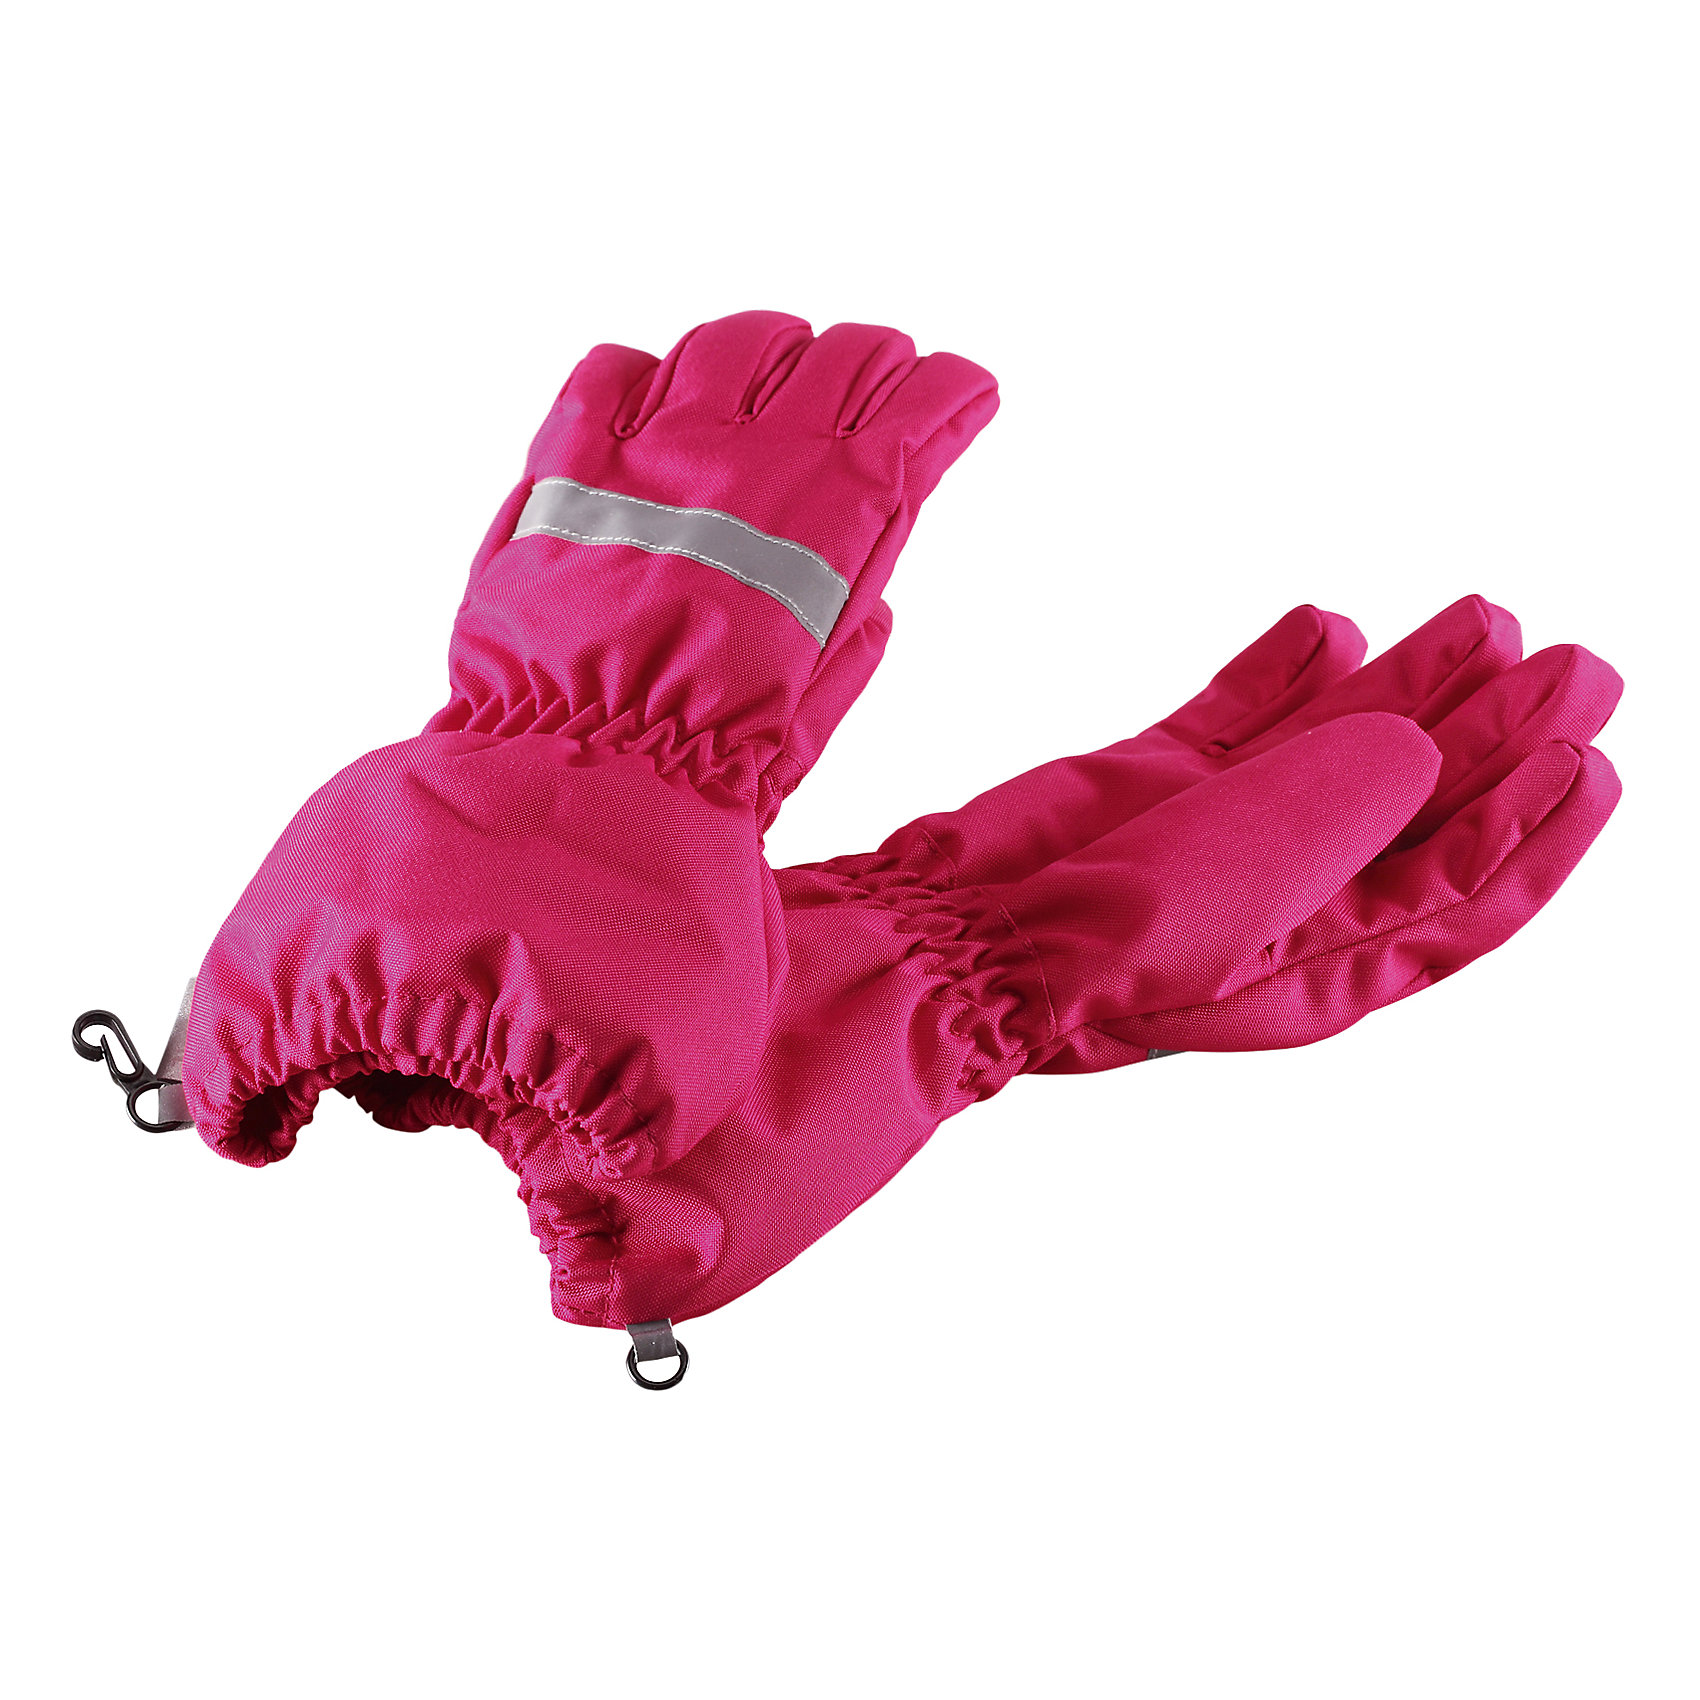 Перчатки LASSIEПерчатки, варежки<br>Зимние перчатки для детей известной финской марки.<br><br>- Сверхпрочный материал. Водоотталкивающий, ветронепроницаемый и грязеотталкивающий материал. <br>- Подкладка из полиэстера с начесом. <br>- Средняя степень утепления.<br>-  Безопасные светоотражающие детали. Светоотражающая эмблема Lassie®.  <br><br>Рекомендации по уходу: Полоскать без специального средства. Сушить при низкой температуре.<br><br> Состав: 100% Полиамид, полиуретановое покрытие.  Утеплитель «Lassie wadding» 120гр.<br><br>Ширина мм: 162<br>Глубина мм: 171<br>Высота мм: 55<br>Вес г: 119<br>Цвет: розовый<br>Возраст от месяцев: 120<br>Возраст до месяцев: 144<br>Пол: Женский<br>Возраст: Детский<br>Размер: 6,3,4,5<br>SKU: 4780638